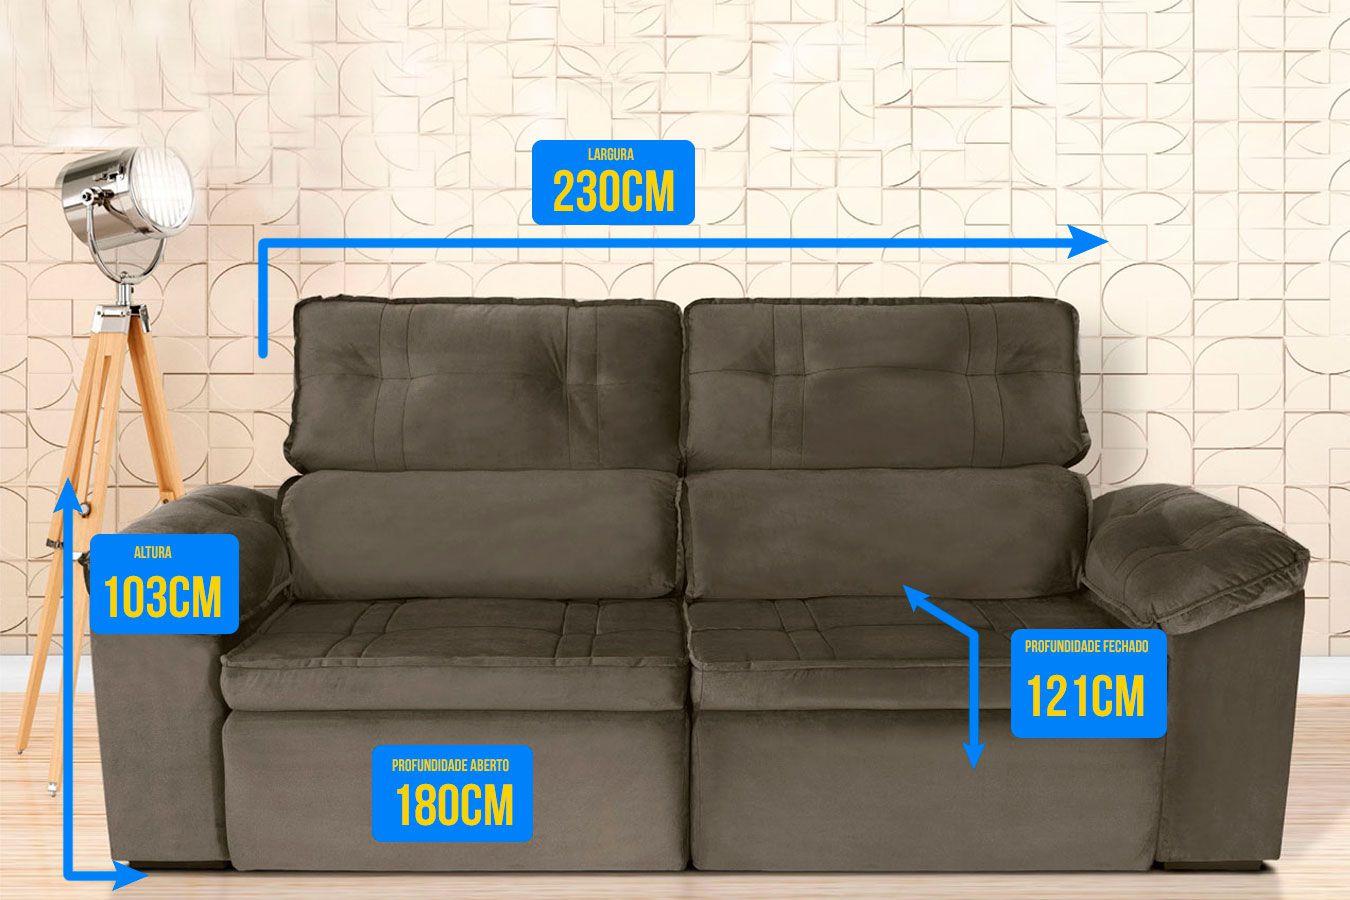 Sofá 4  Lugares Retrátil Reclinável HANO 250x180 Cm Pillow Molas Suede Cinza/Marrom - MegaSul